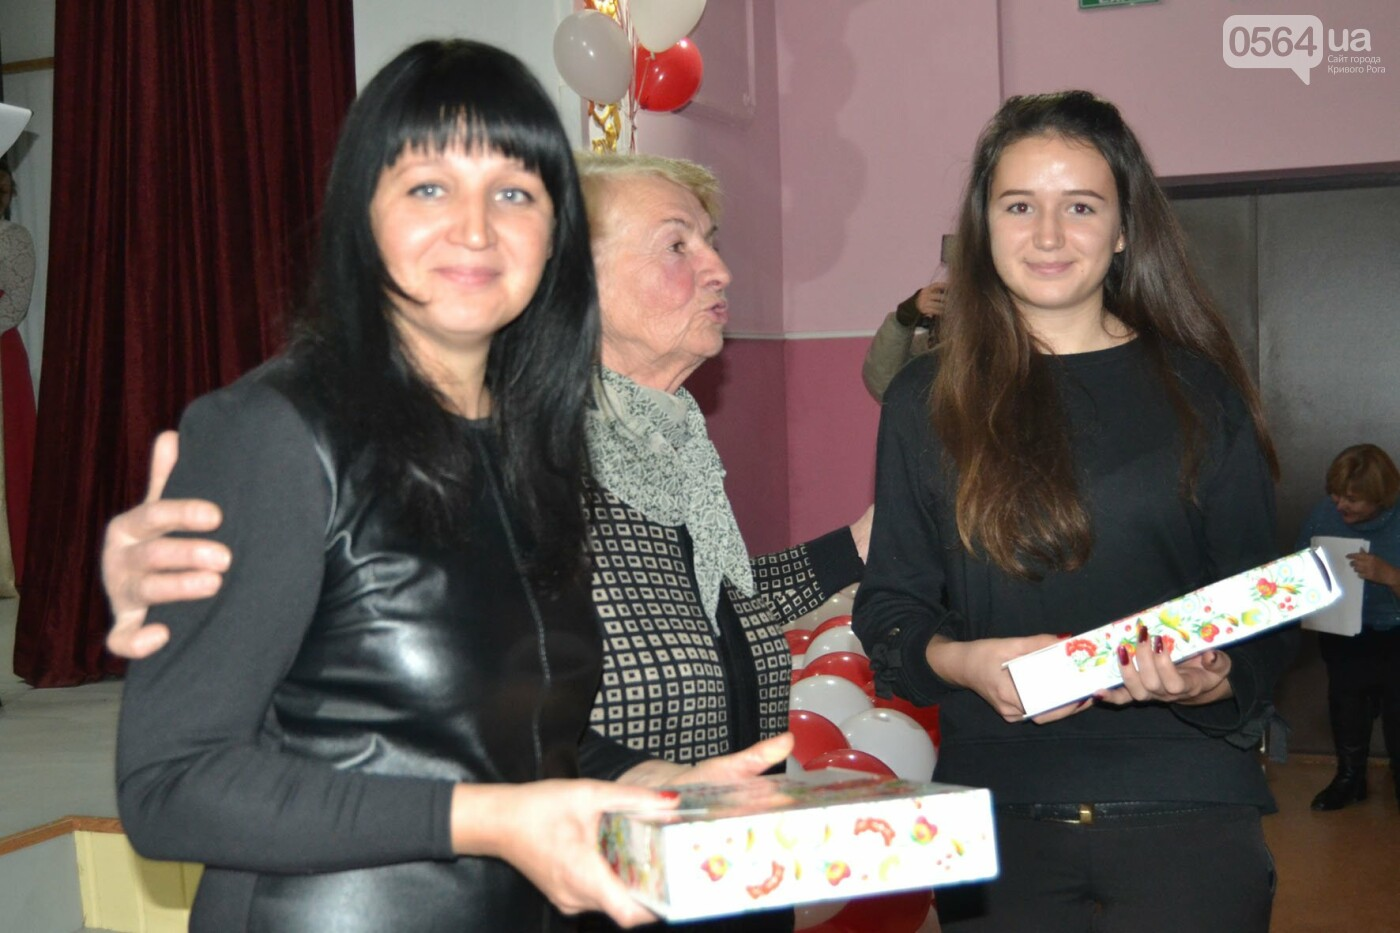 Душистый каравай и партбилеты для всей семьи, - как отмечали День Криворожского района, - ФОТО, фото-8